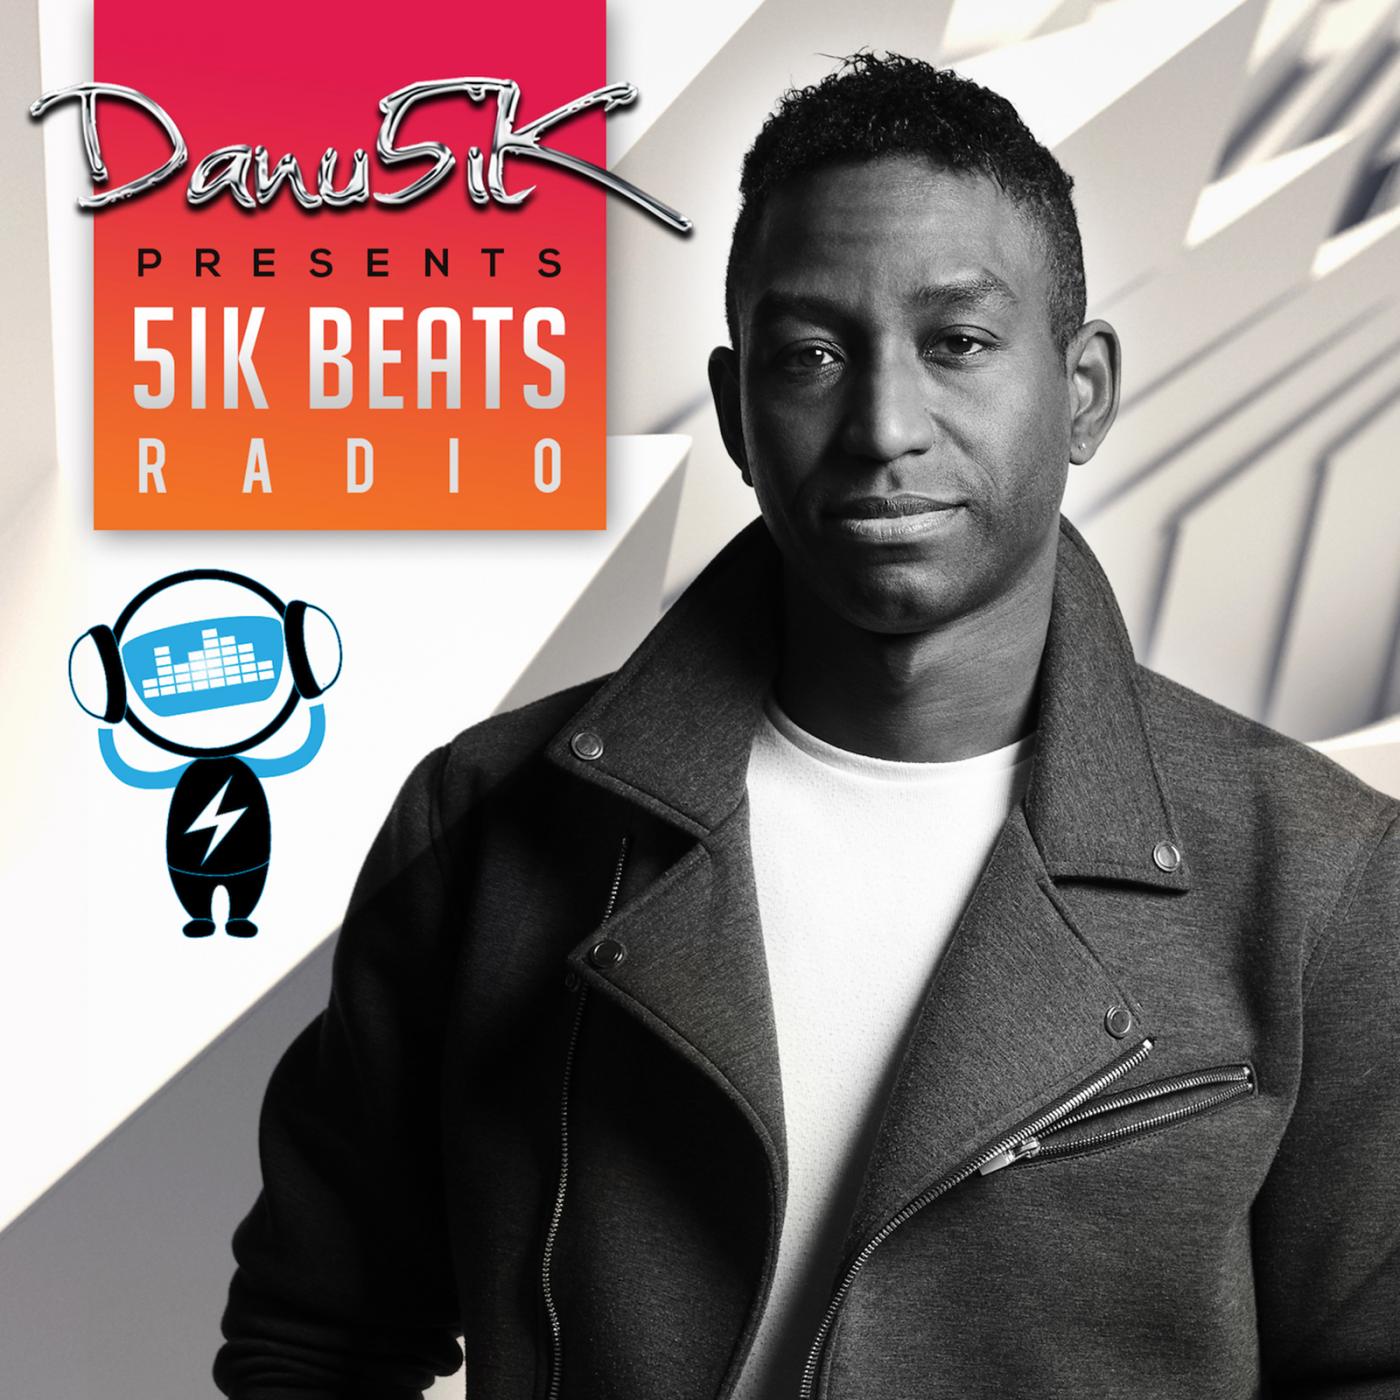 5ik Beats Radio 087 | Danu5ik